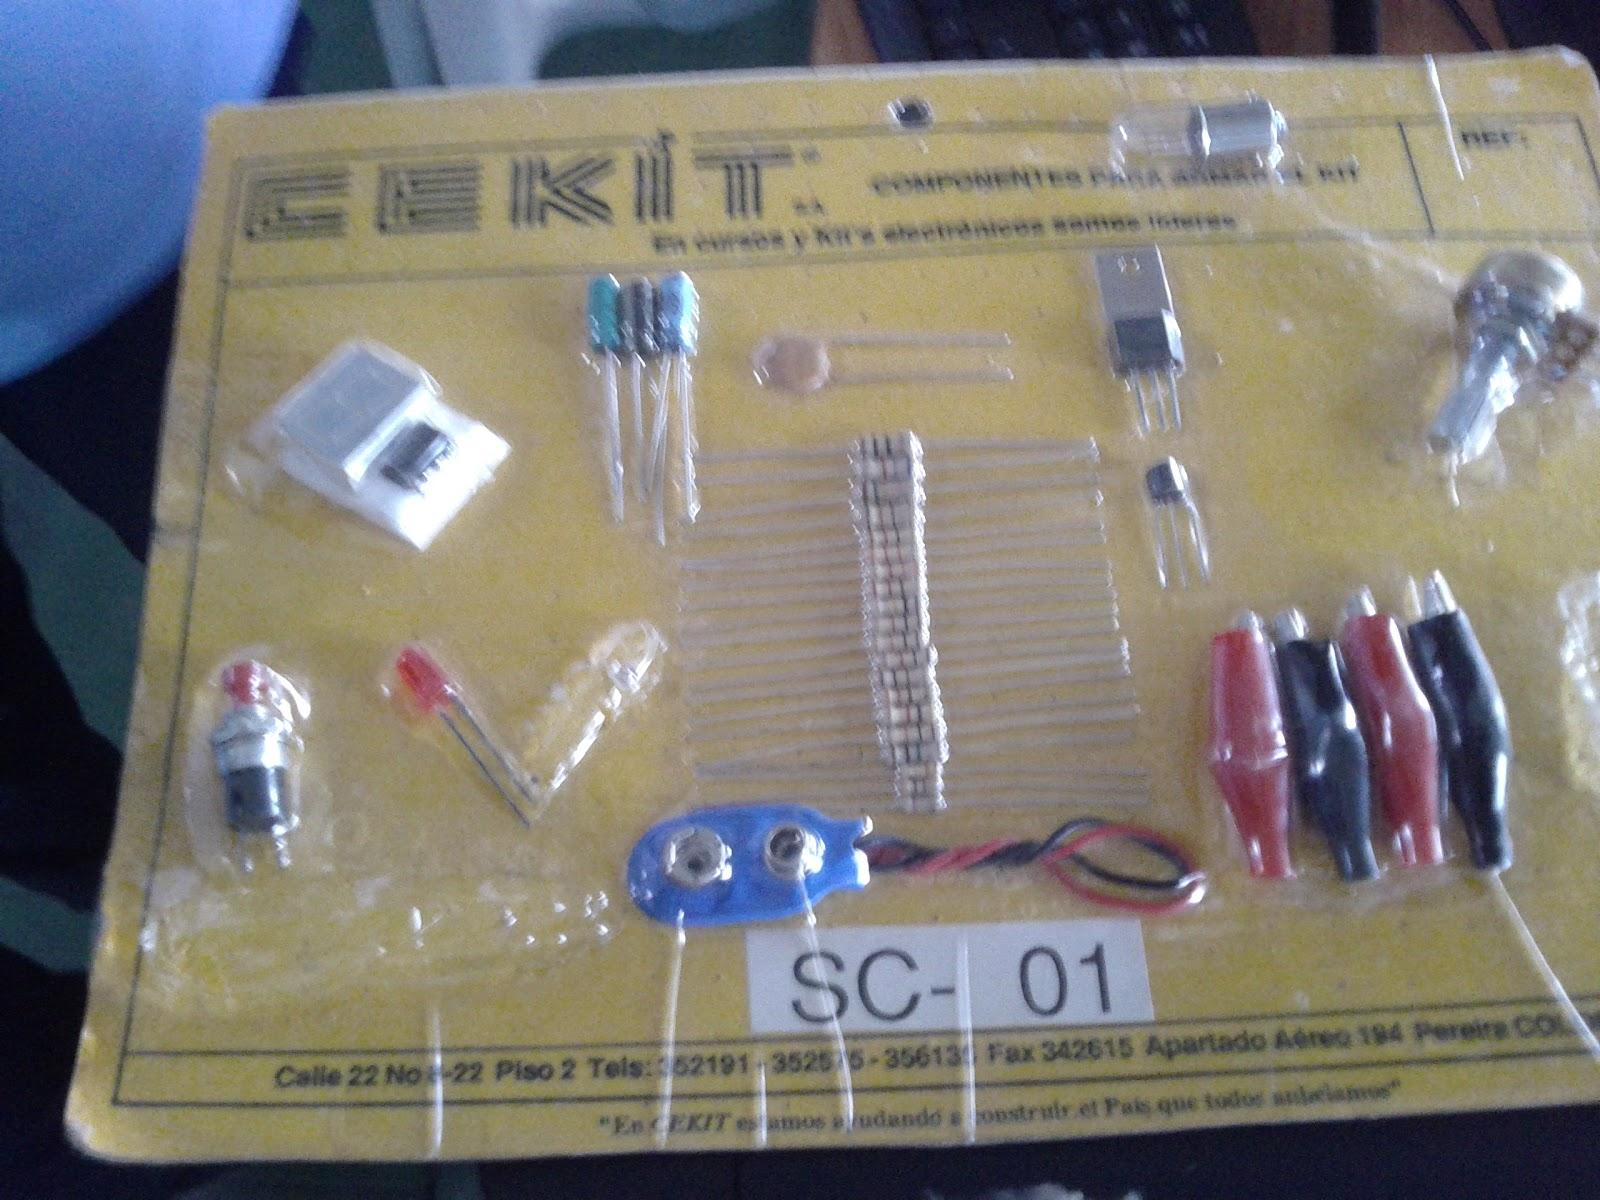 Kit de materiales para hacer experimentos de electrónica marca Cekit